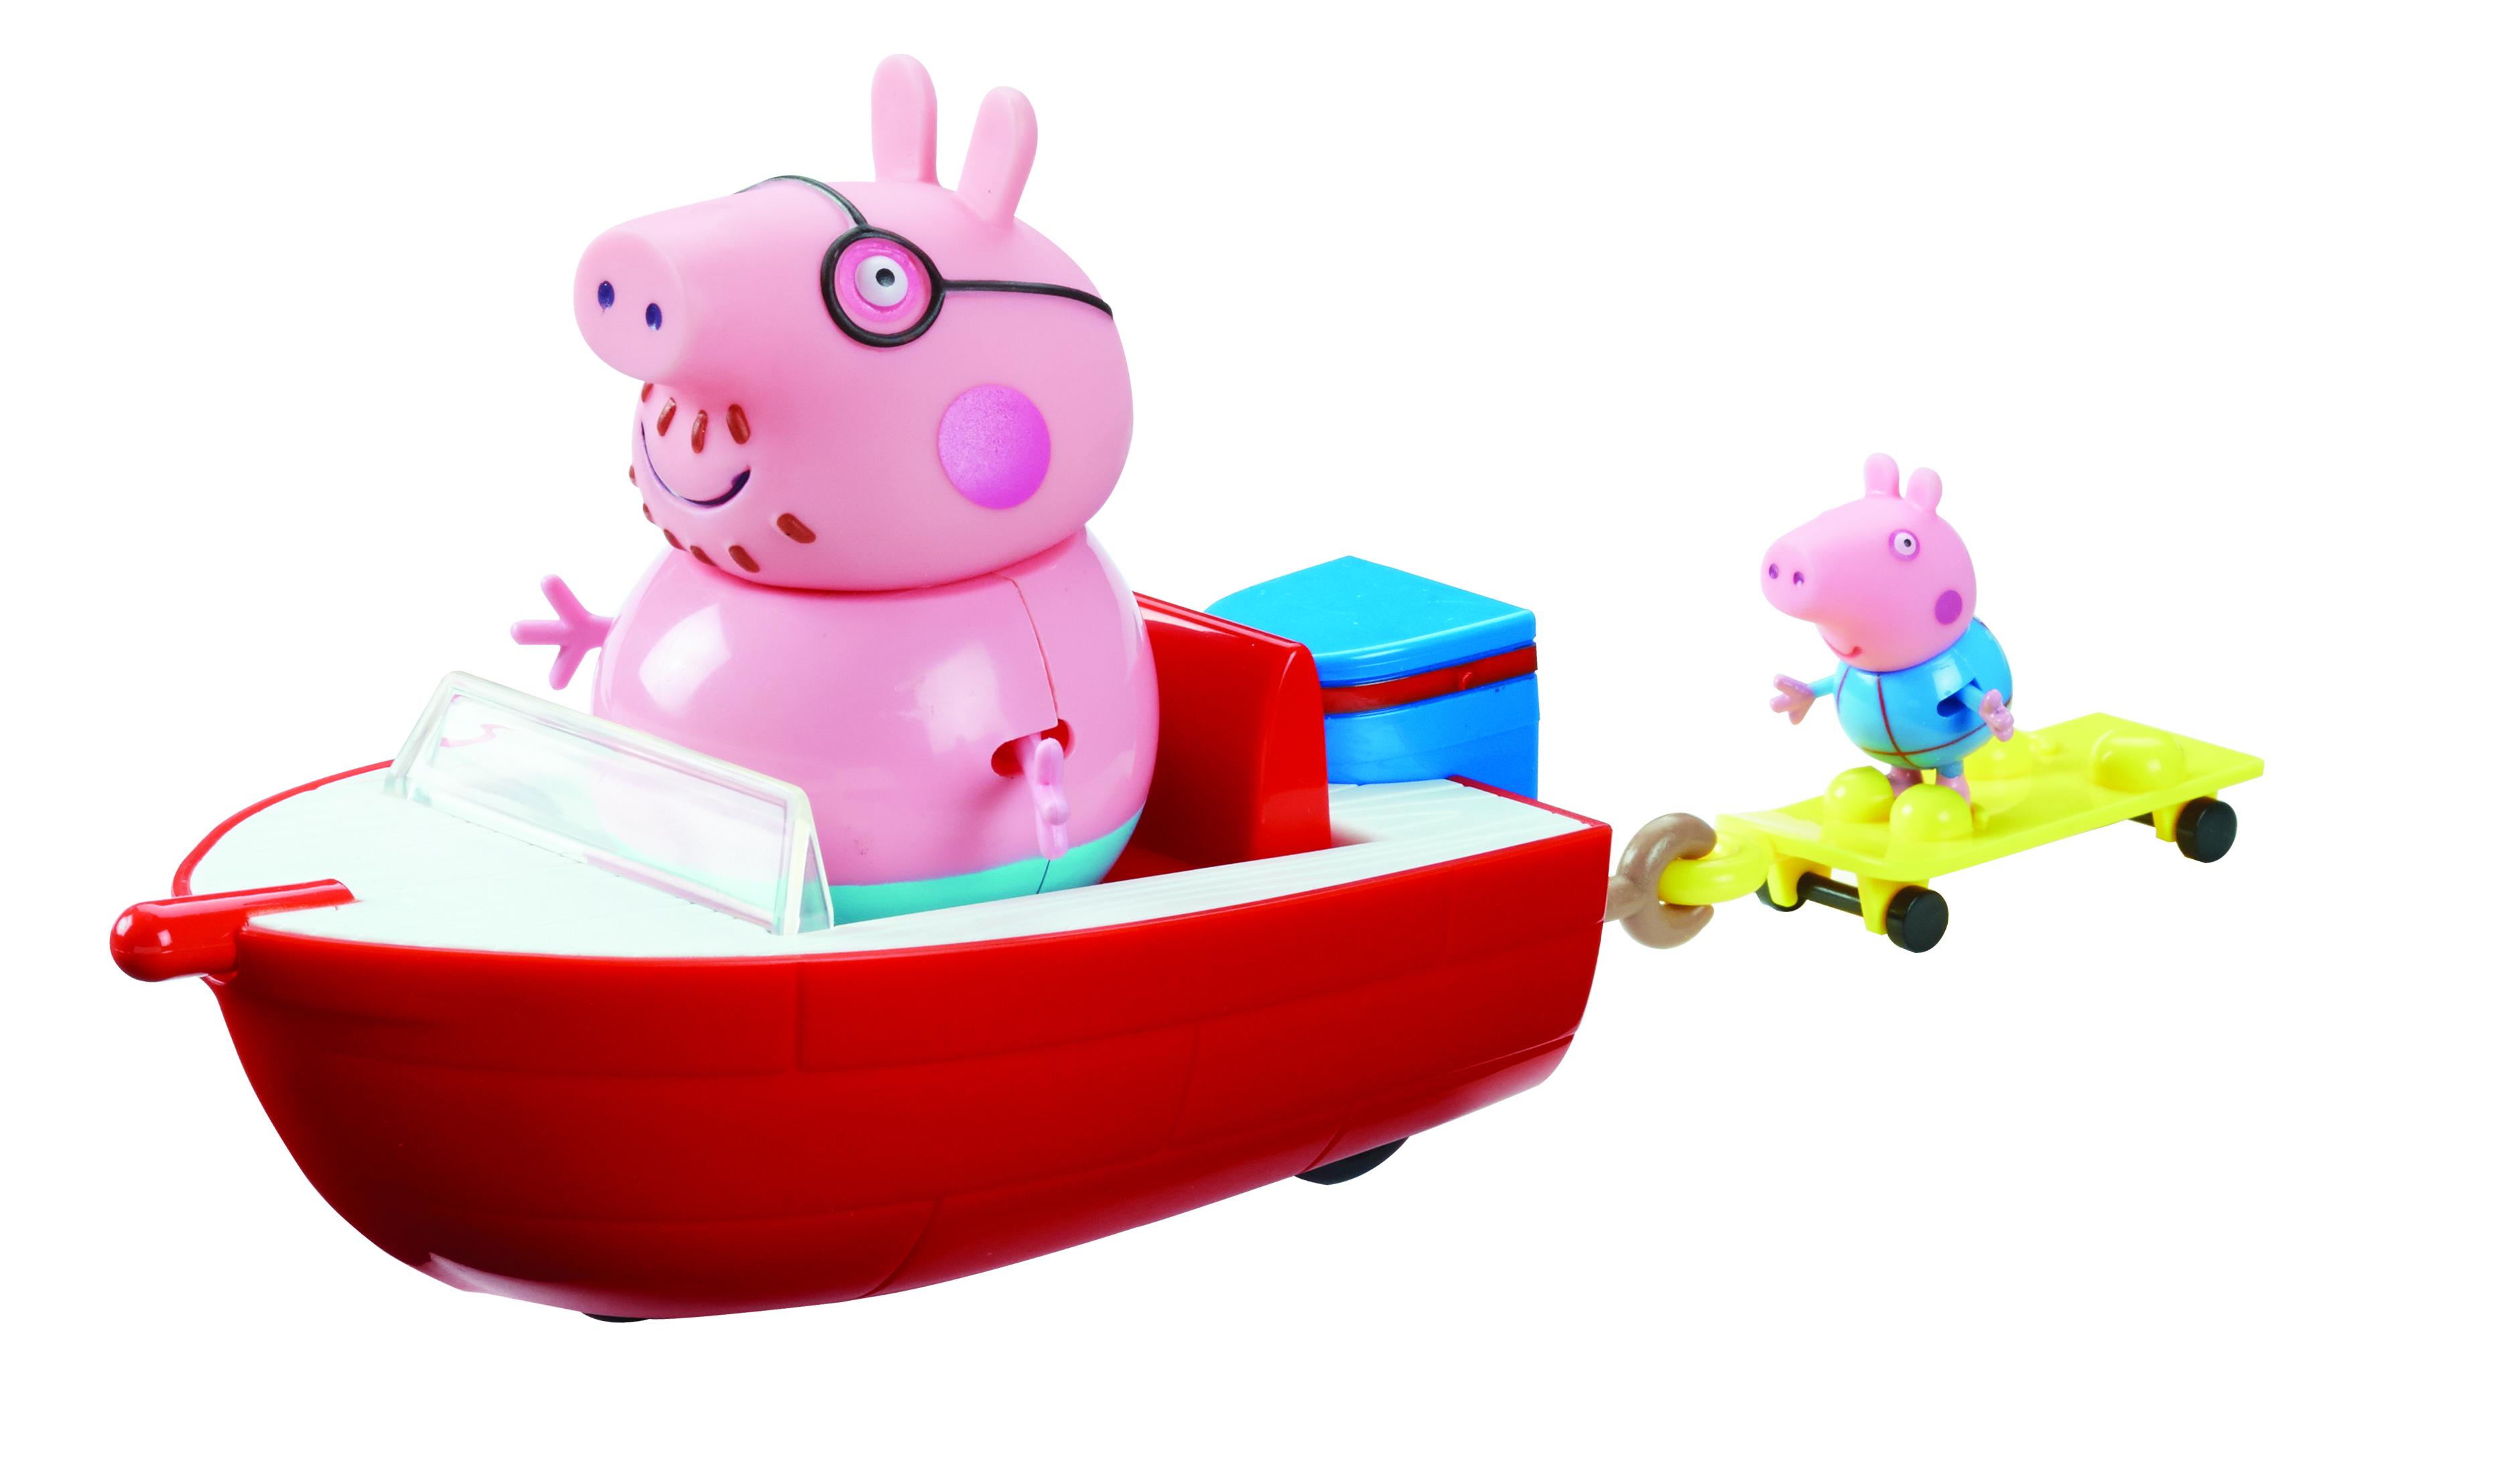 Peppa Pig Набор фигурок Моторная лодка30629Папа Свин и Джордж отправляются на морскую прогулку. Для этого у них есть одноместная моторная лодка и двухместная водная доска с держателями для ножек в виде удобных тапочек. Чтобы игра была еще интереснее, вы можете приобрести дополнительные игрушки из серии Свинка Пеппа. Такая веселая сюжетно-ролевая игра развивает у детей воображение, координацию движений, навыки общения, помогают обмениваться опытом и знаниями. В наборе Моторная лодка 4 предмета: моторная лодка размером 17x9x6 см на колесиках с сидением для Папы Свина, водная доска размером 8х3,7х1,5 см на колесиках с креплениями для ножек Пеппы и Джорджа, прикрепленная к лодке с помощью выдвигающегося держателя, 2 фигурки в купальных костюмах с подвижными ручками и ножками: Папа (10 см) и Джордж (4,5 см) с нарукавниками для плавания (не снимаются). Игрушки выполнены из качественного пластика и пластизоля.